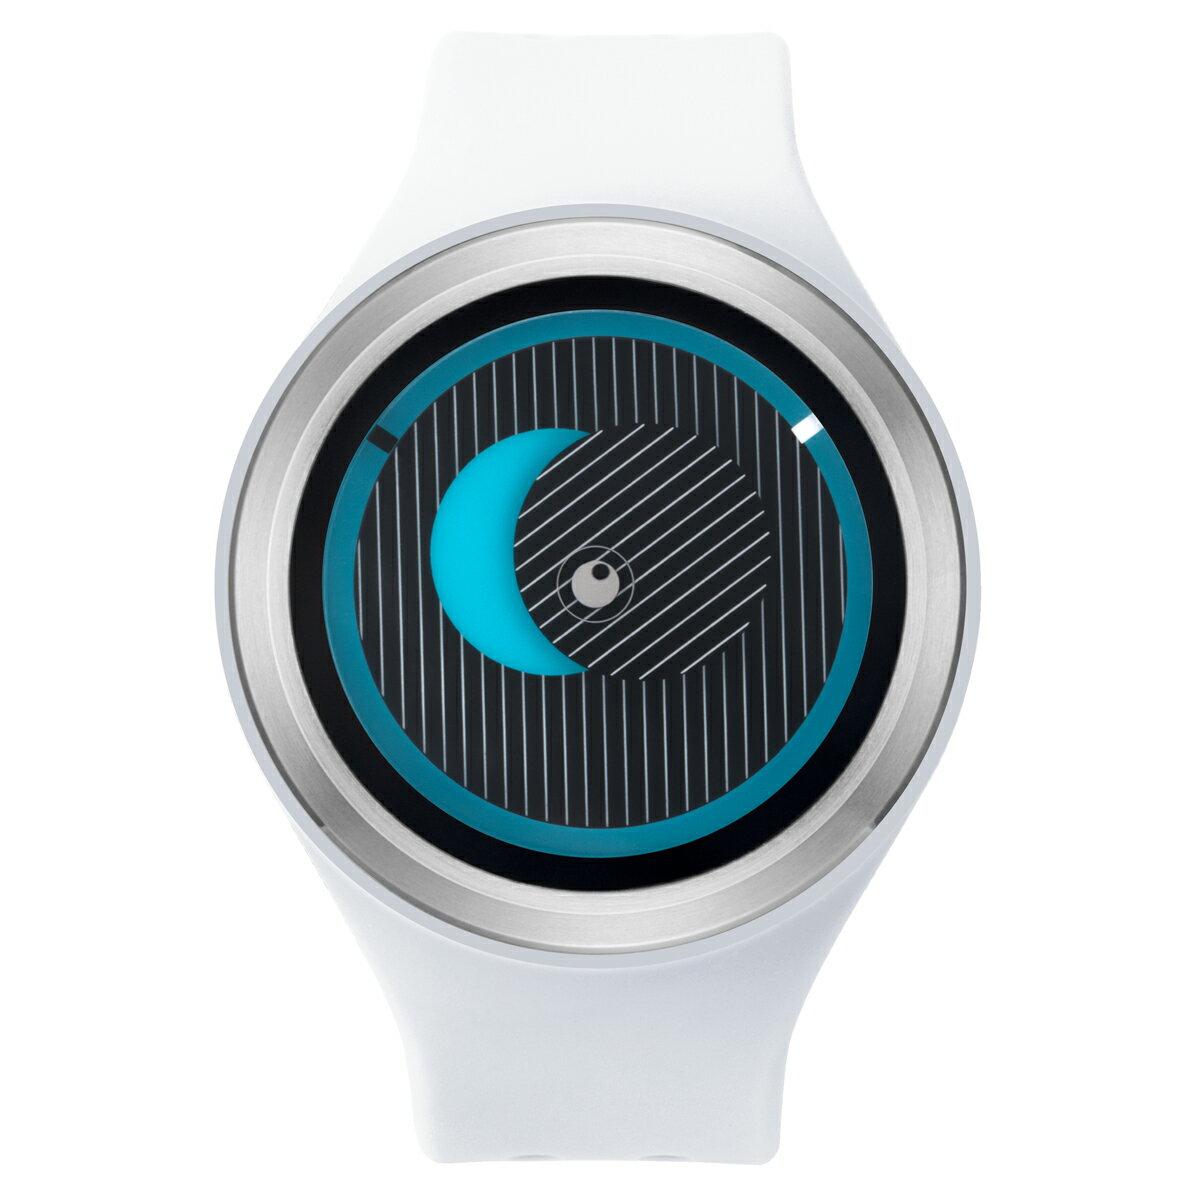 ZEROO SECRET UNIVERSE ゼロ 電池式クォーツ 腕時計 [W00501B01SR01] ホワイト デザインウォッチ ペア用 メンズ レディース ユニセックス おしゃれ時計 デザイナーズ